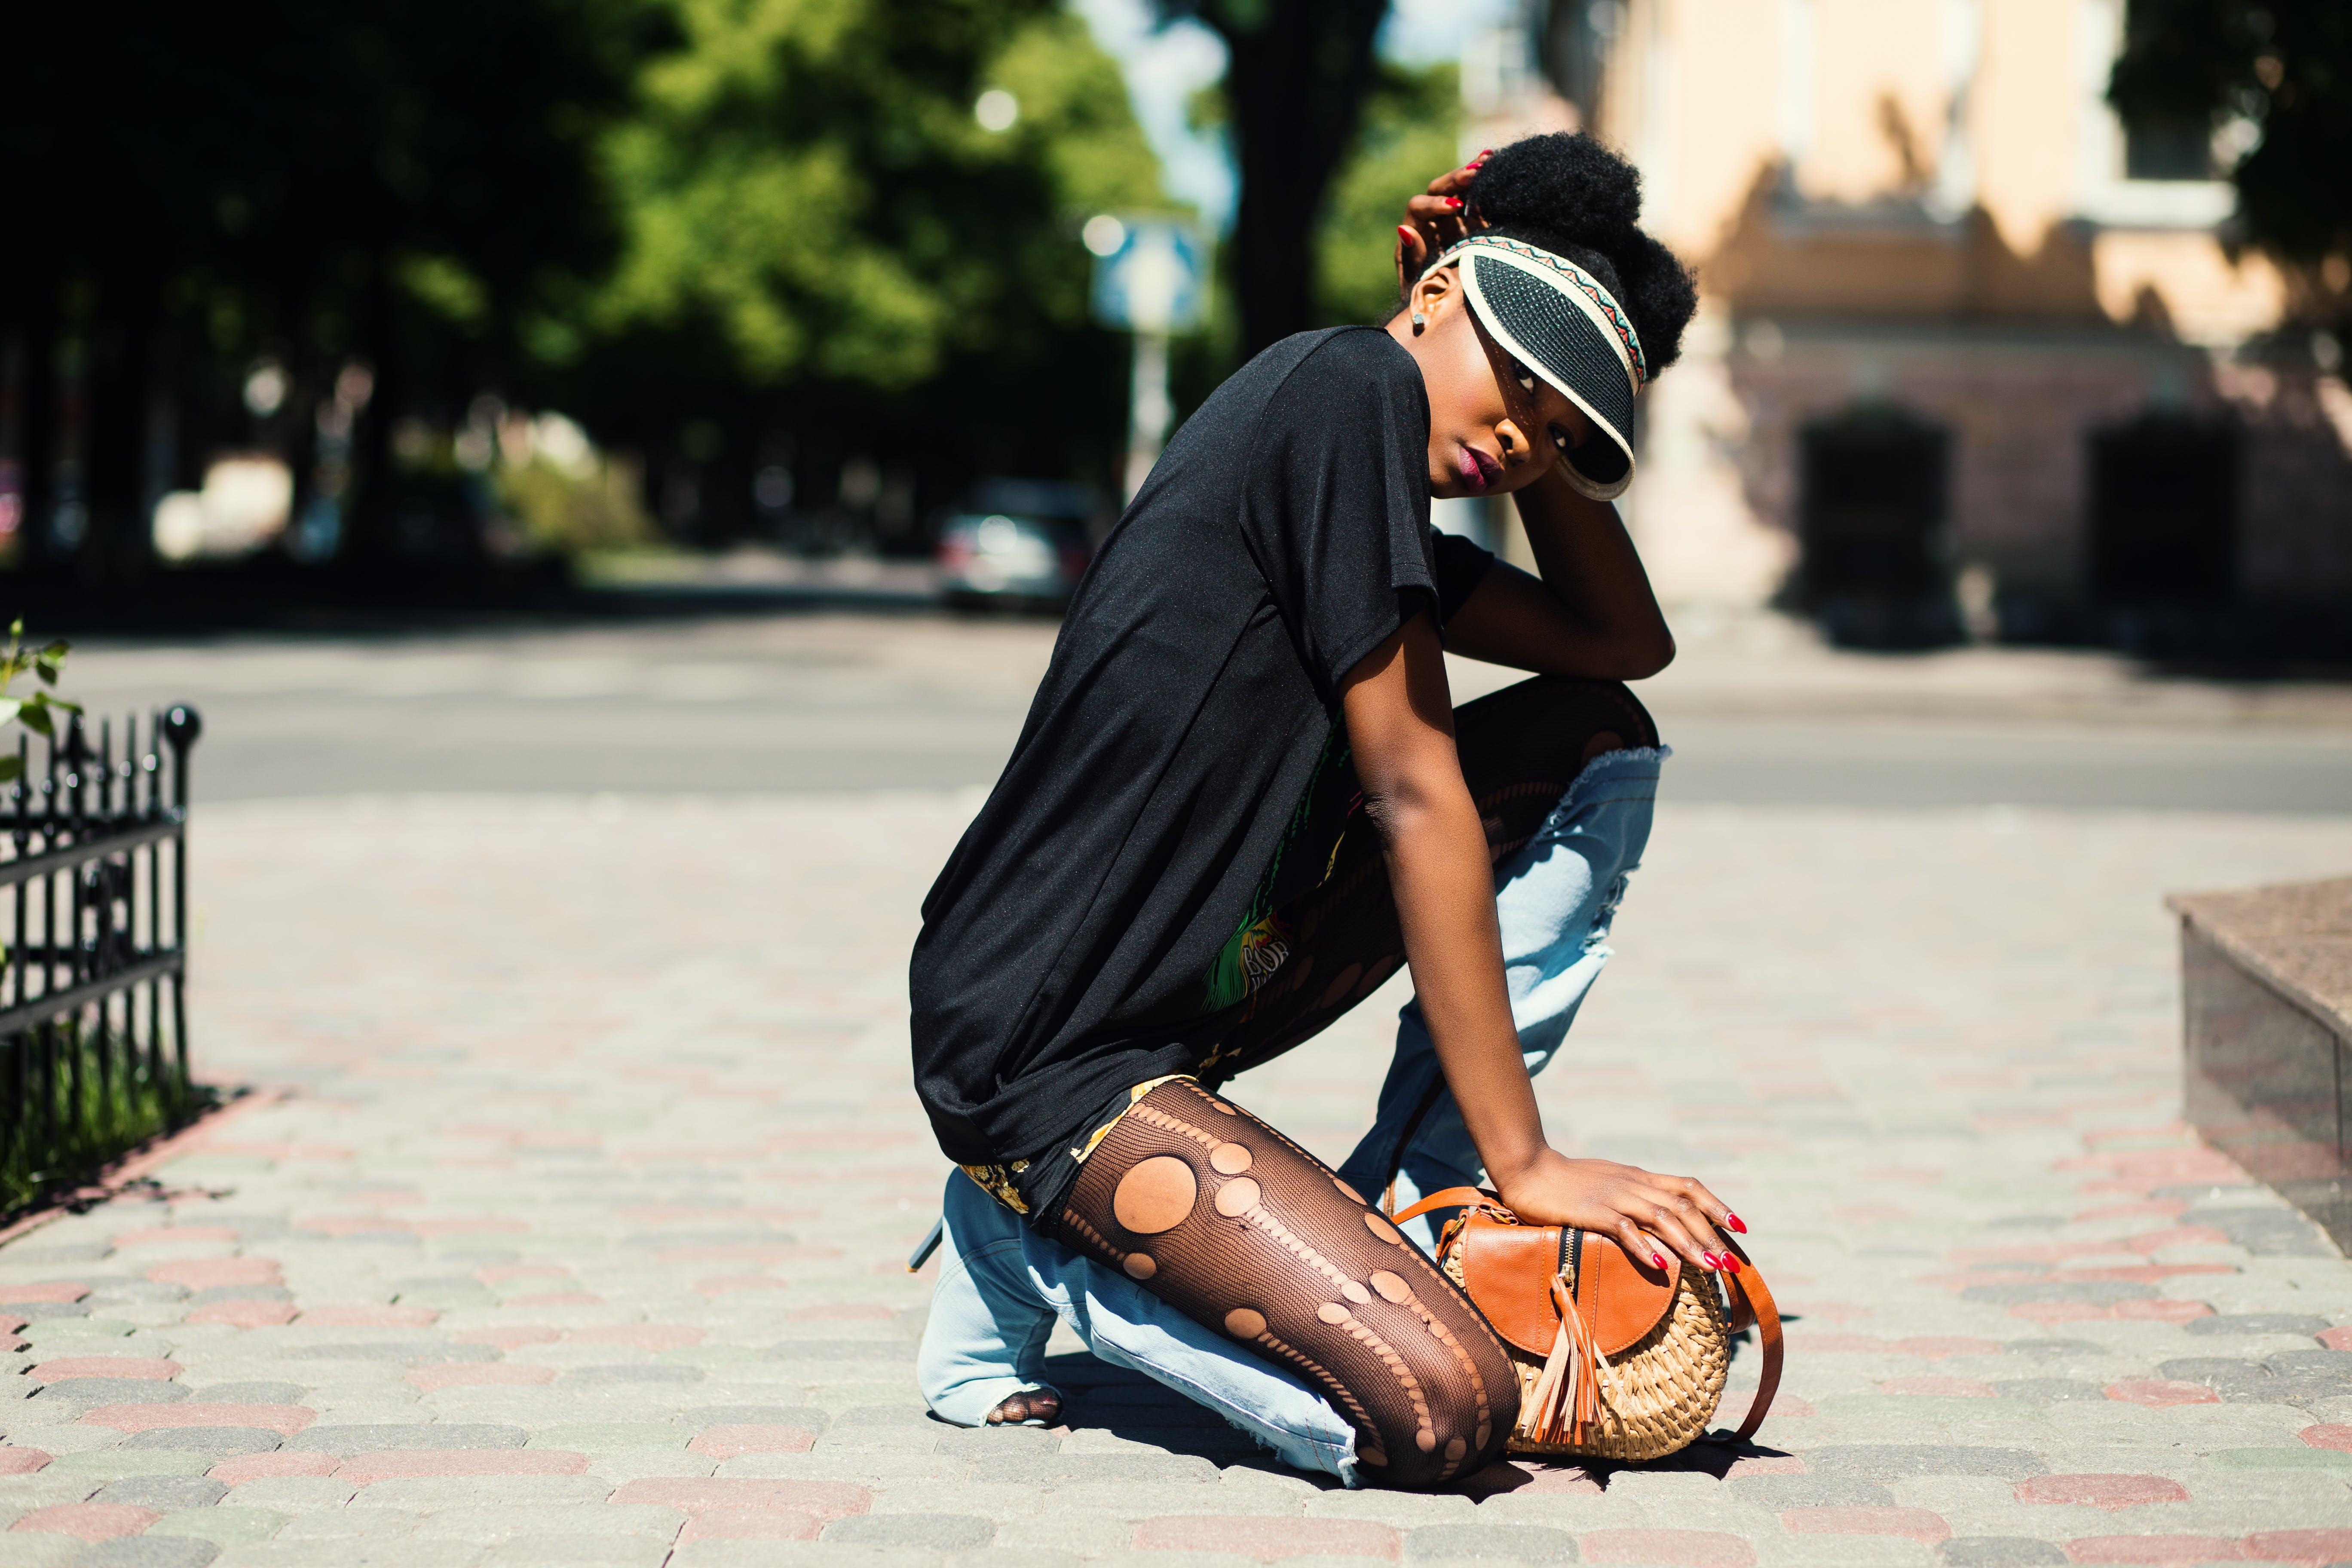 アフリカ系アメリカ人女性, キャップ, スタイル